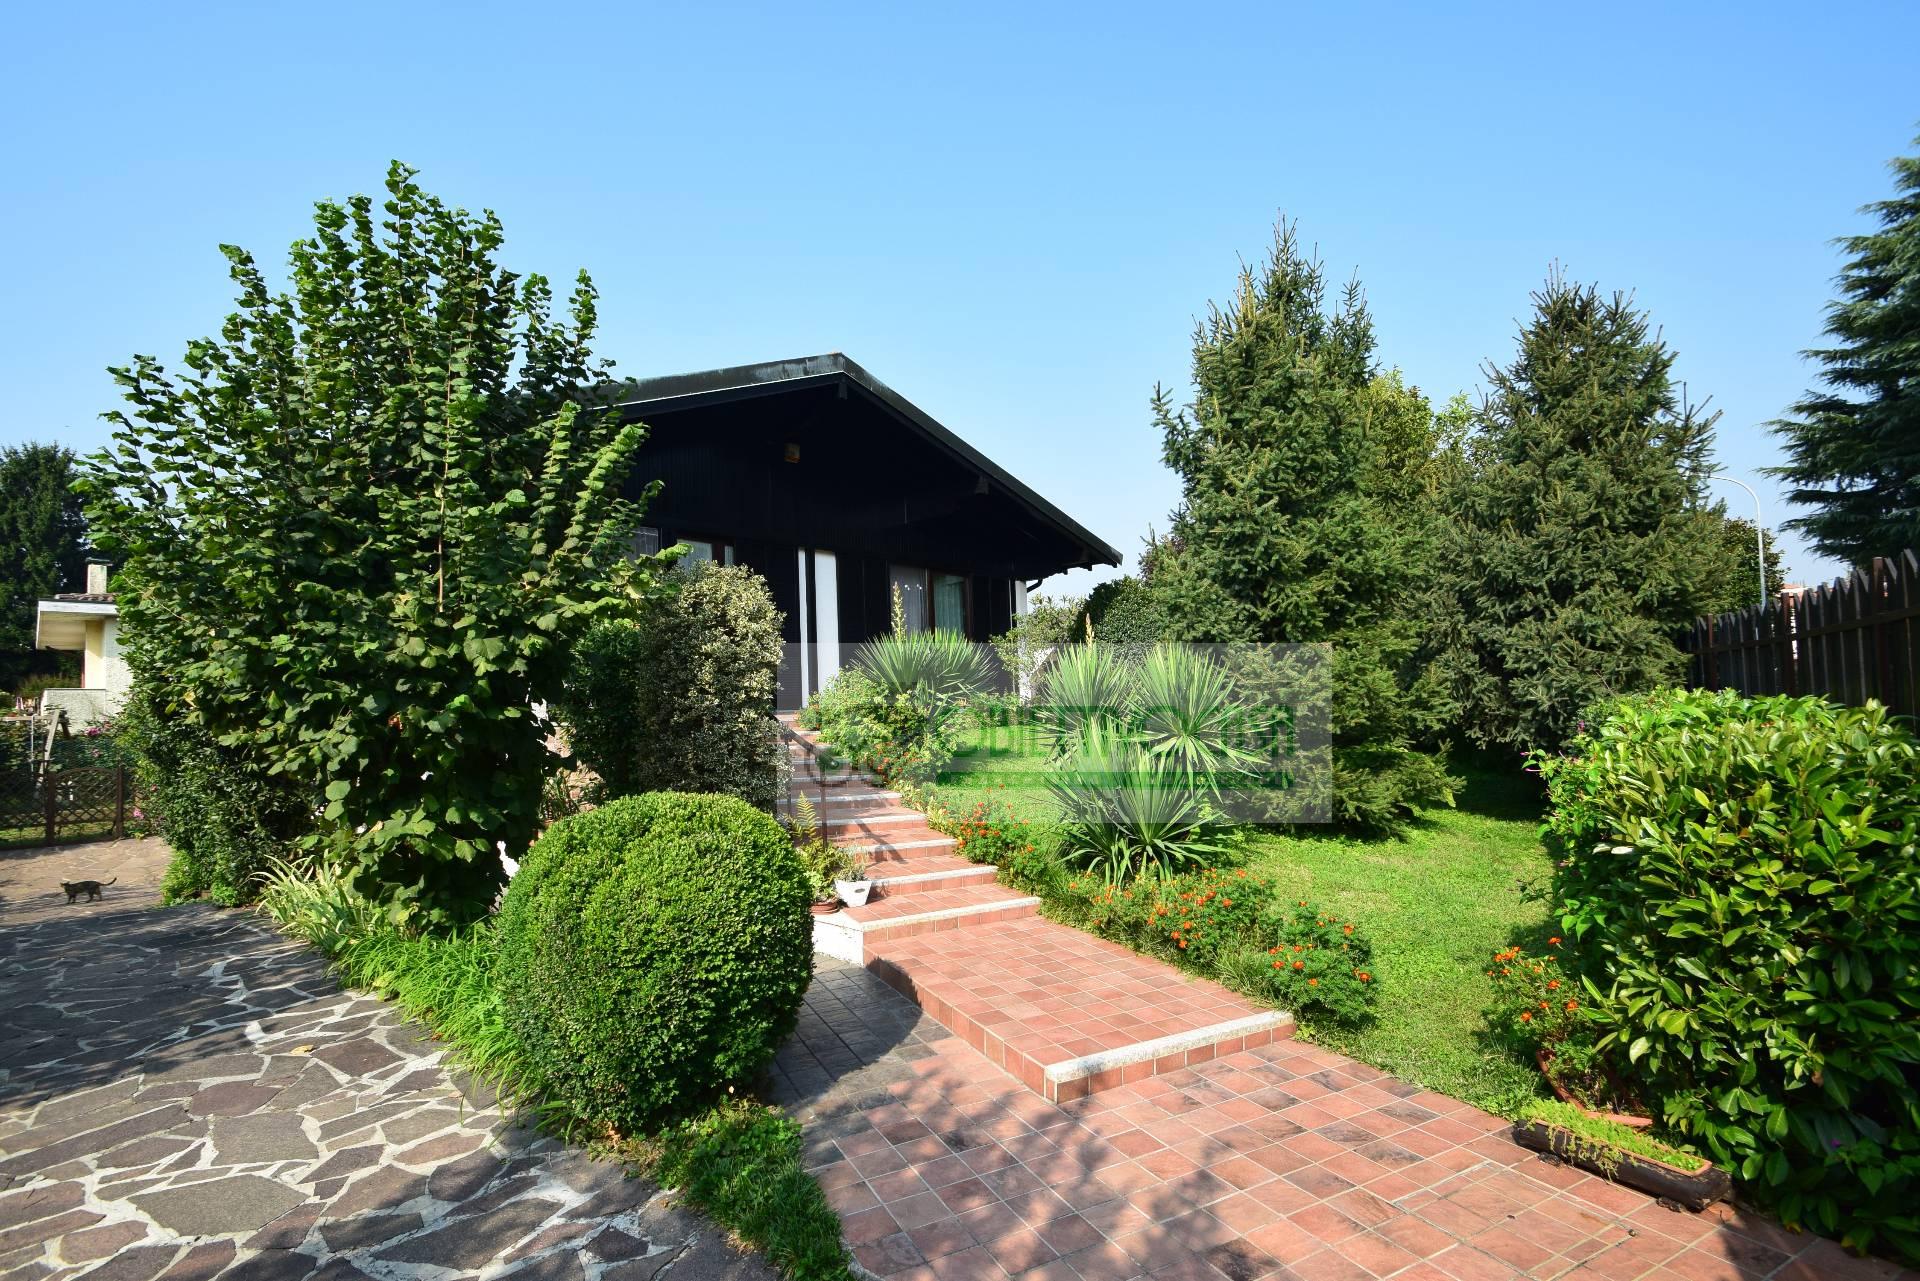 Villa in vendita a Trezzano sul Naviglio, 5 locali, zona Località: Morona, prezzo € 460.000   CambioCasa.it